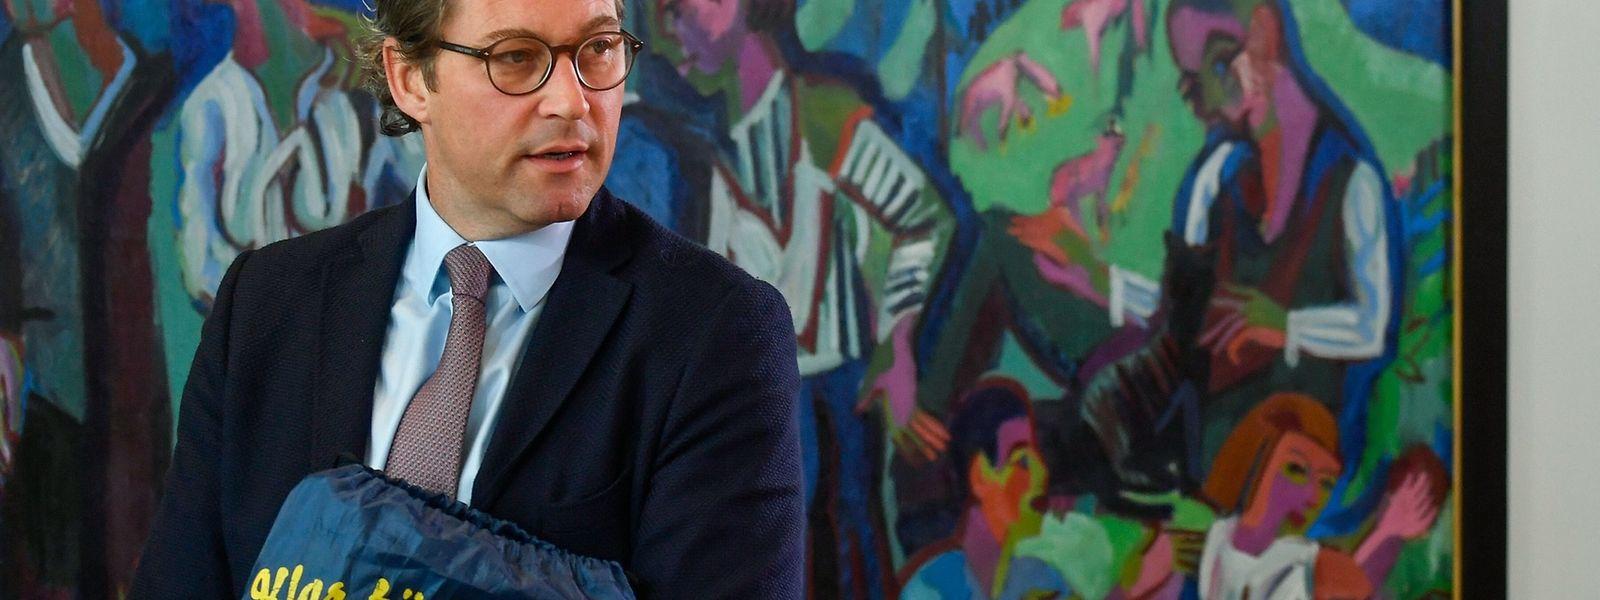 Der deutsche Verkehrsminister Andreas Scheuer steht wegen der Kosten aufgrund der gescheiterten Mautpläne in der Kritik.